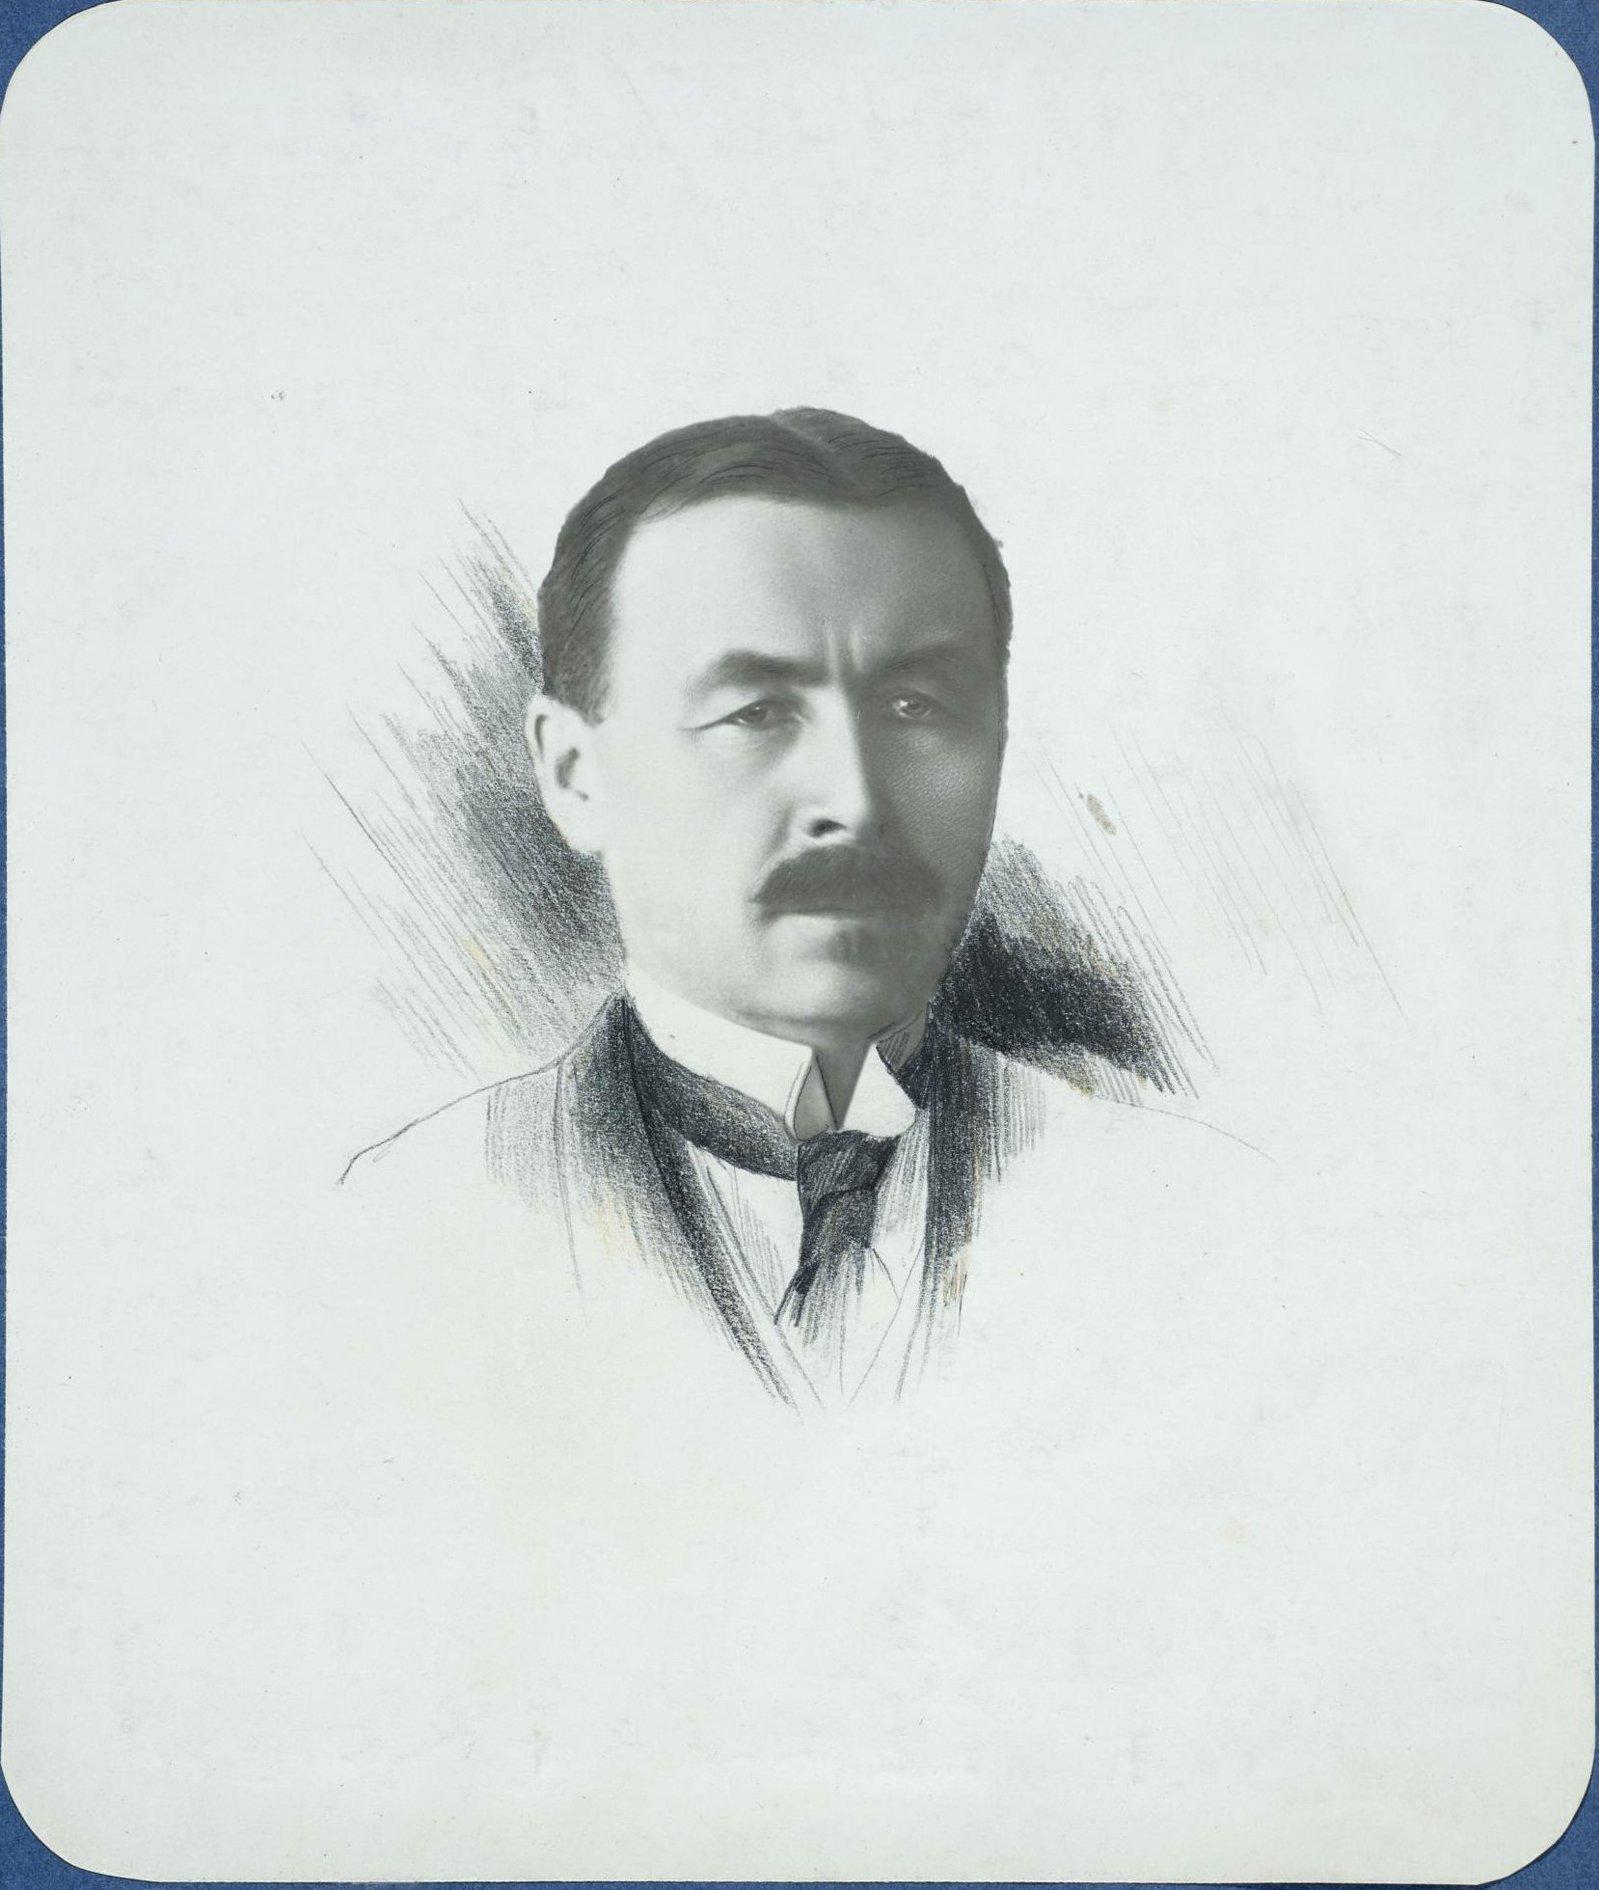 Председатель Центрального железнодорожного комитета помощи голодающим России. Харбин. 31 мая 1922